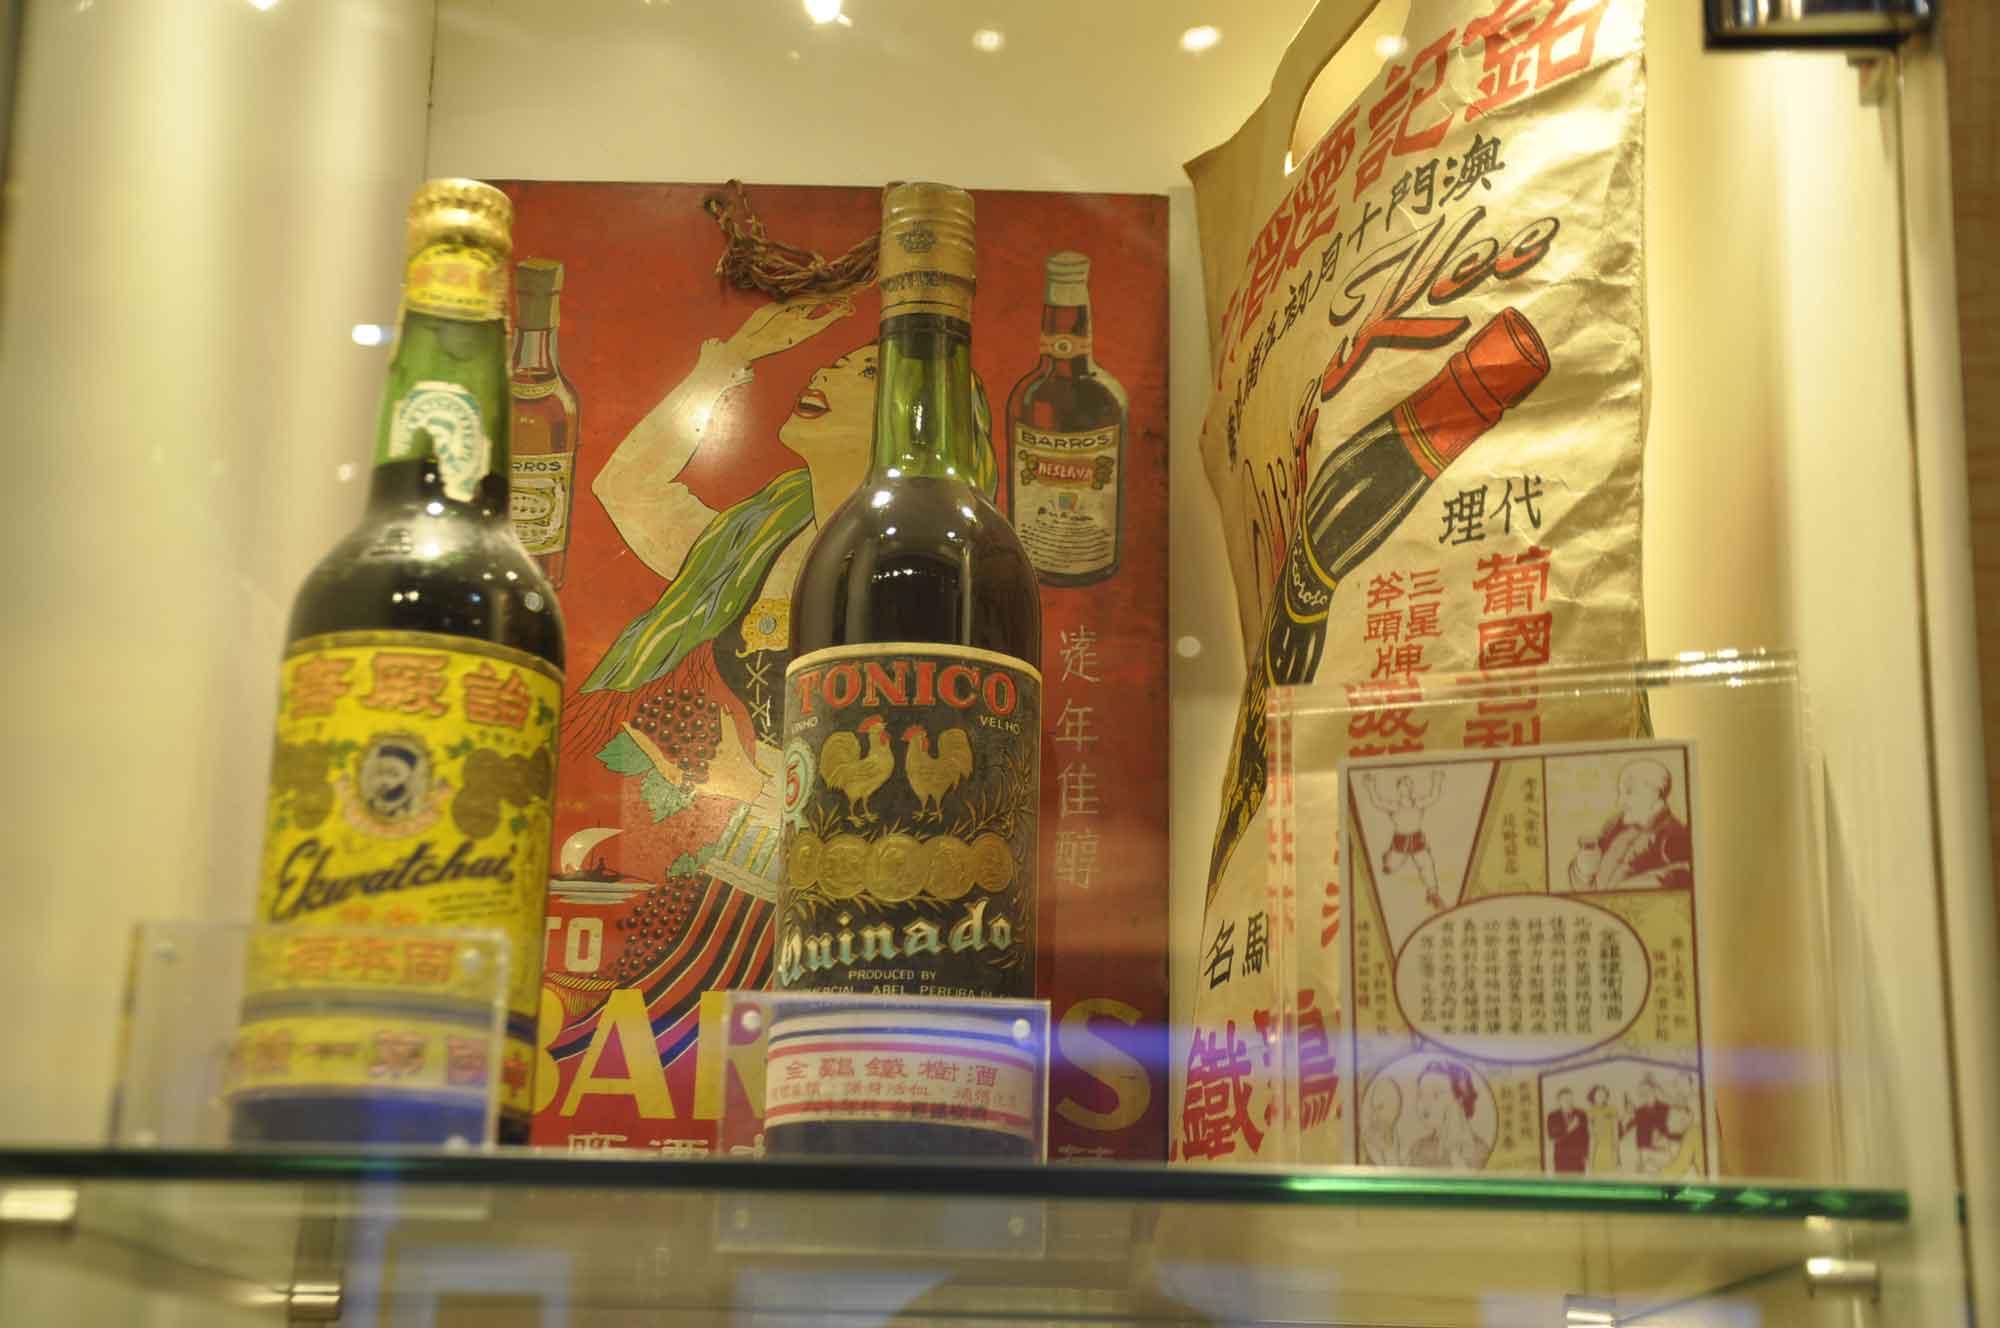 Pastelaria Koi Kei old wine